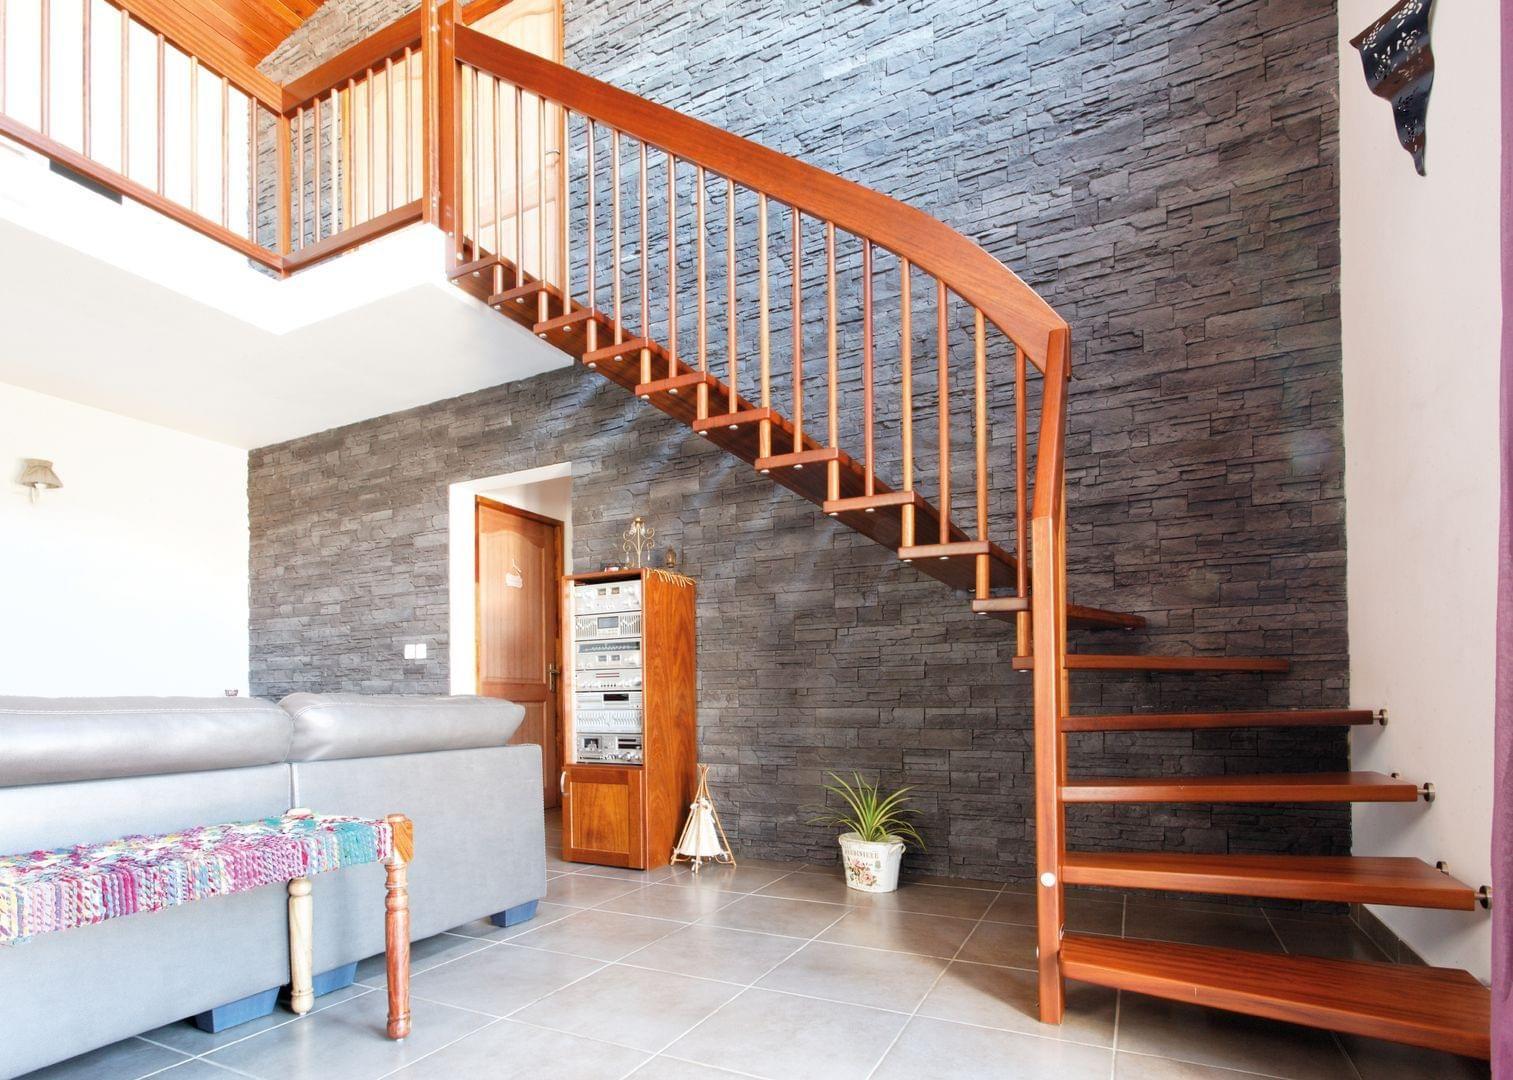 Handlauftragende Treppe in schlichter Form mit runden Geländerstäben ...